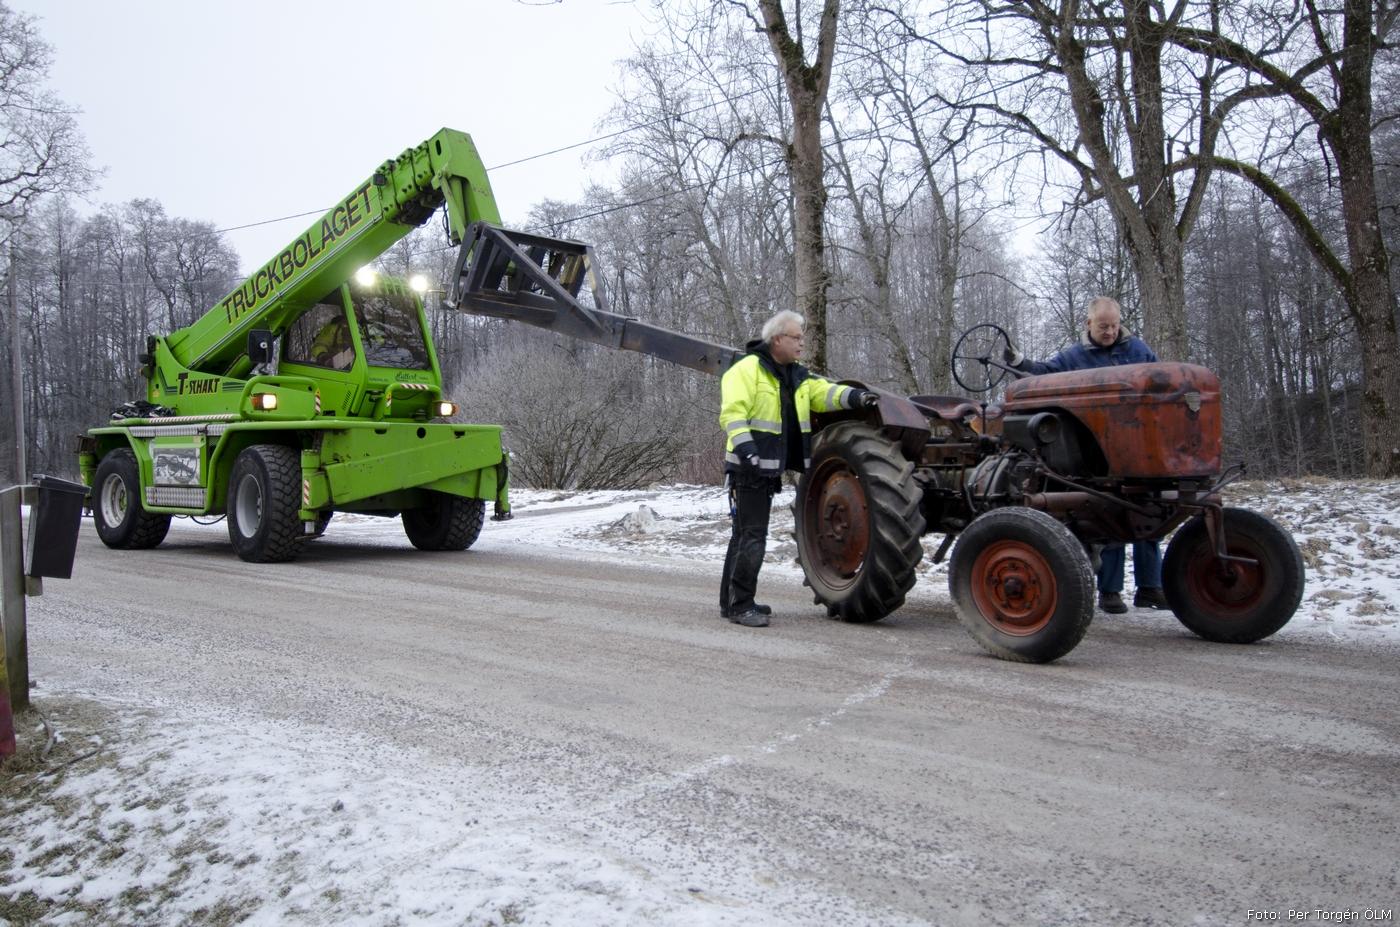 2012-02-10_020_Tekniska_kvarnen